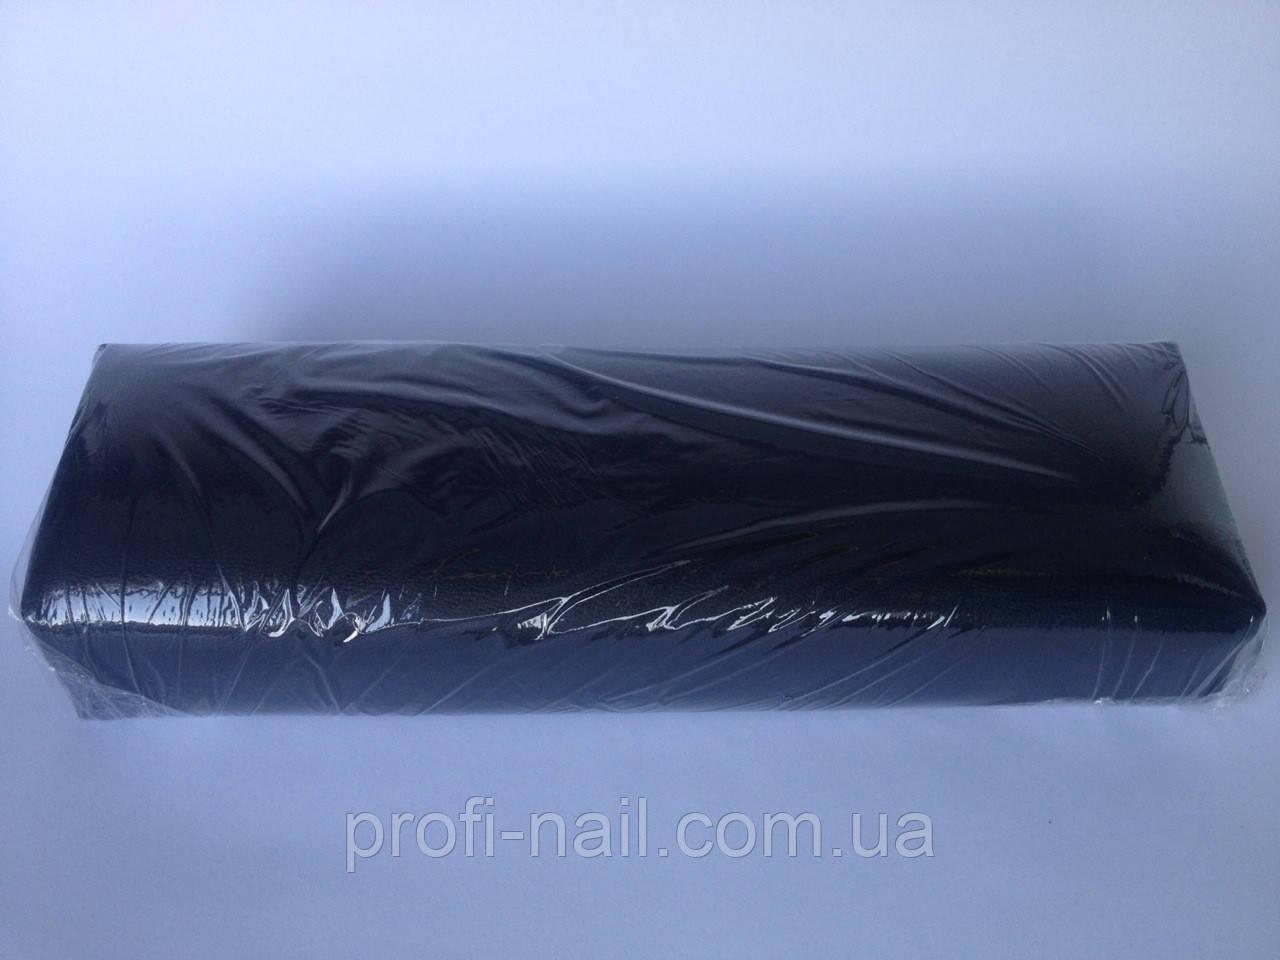 Подставка для маникюра,Украинское производство - Профессиональная продукция и инструмент для ногтевого сервиса в Харькове